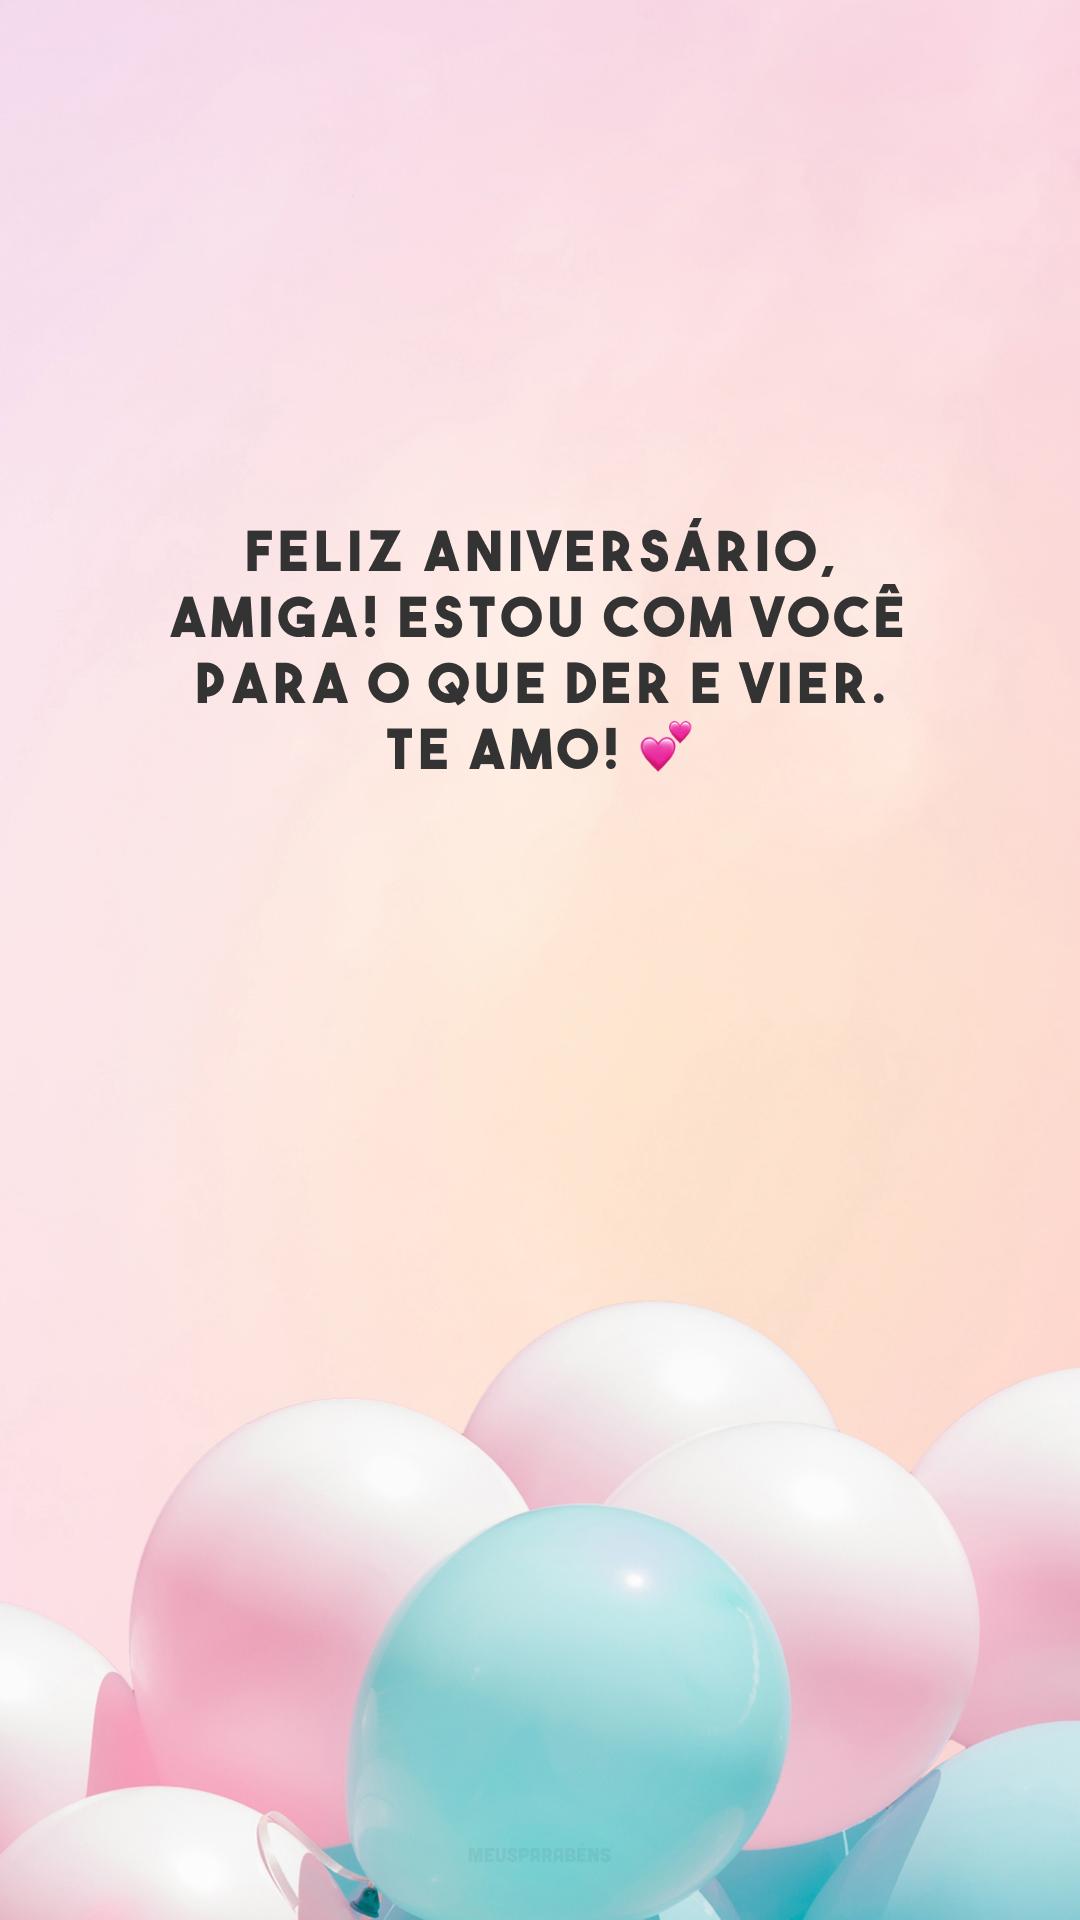 Feliz aniversário, amiga! Estou com você para o que der e vier. Te amo! 💕